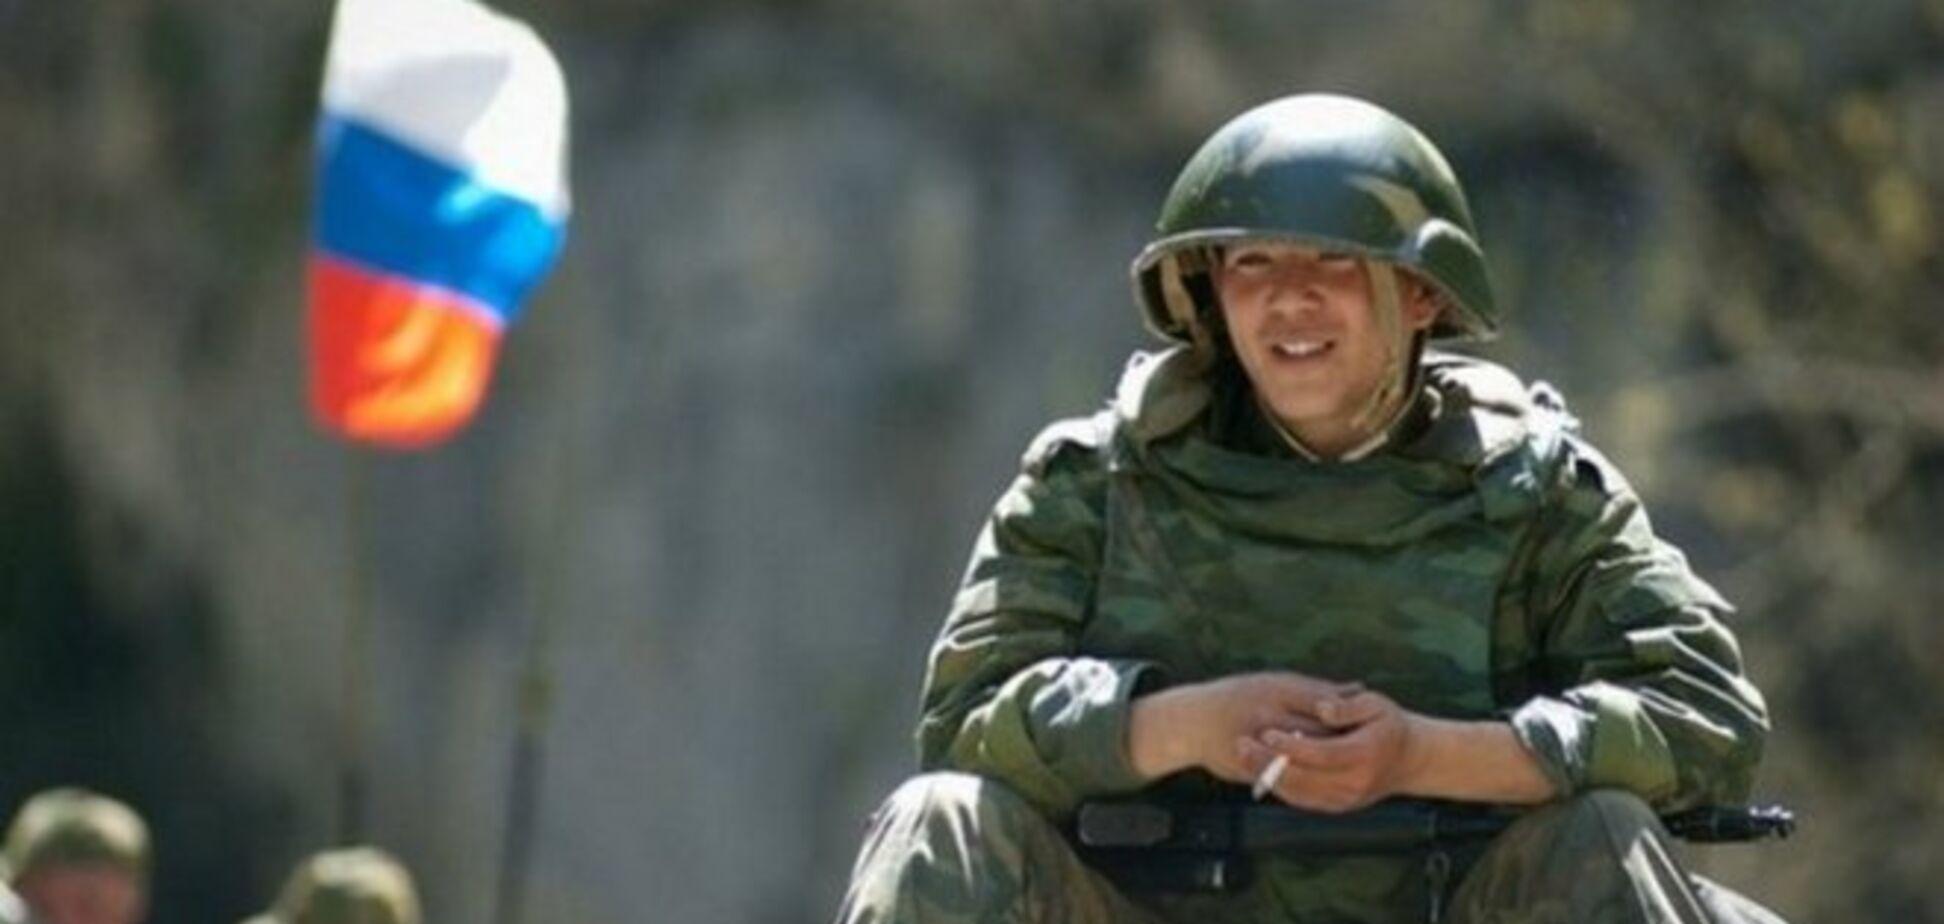 Командир Нацгвардии: войска РФ активизировались у границы с Украиной